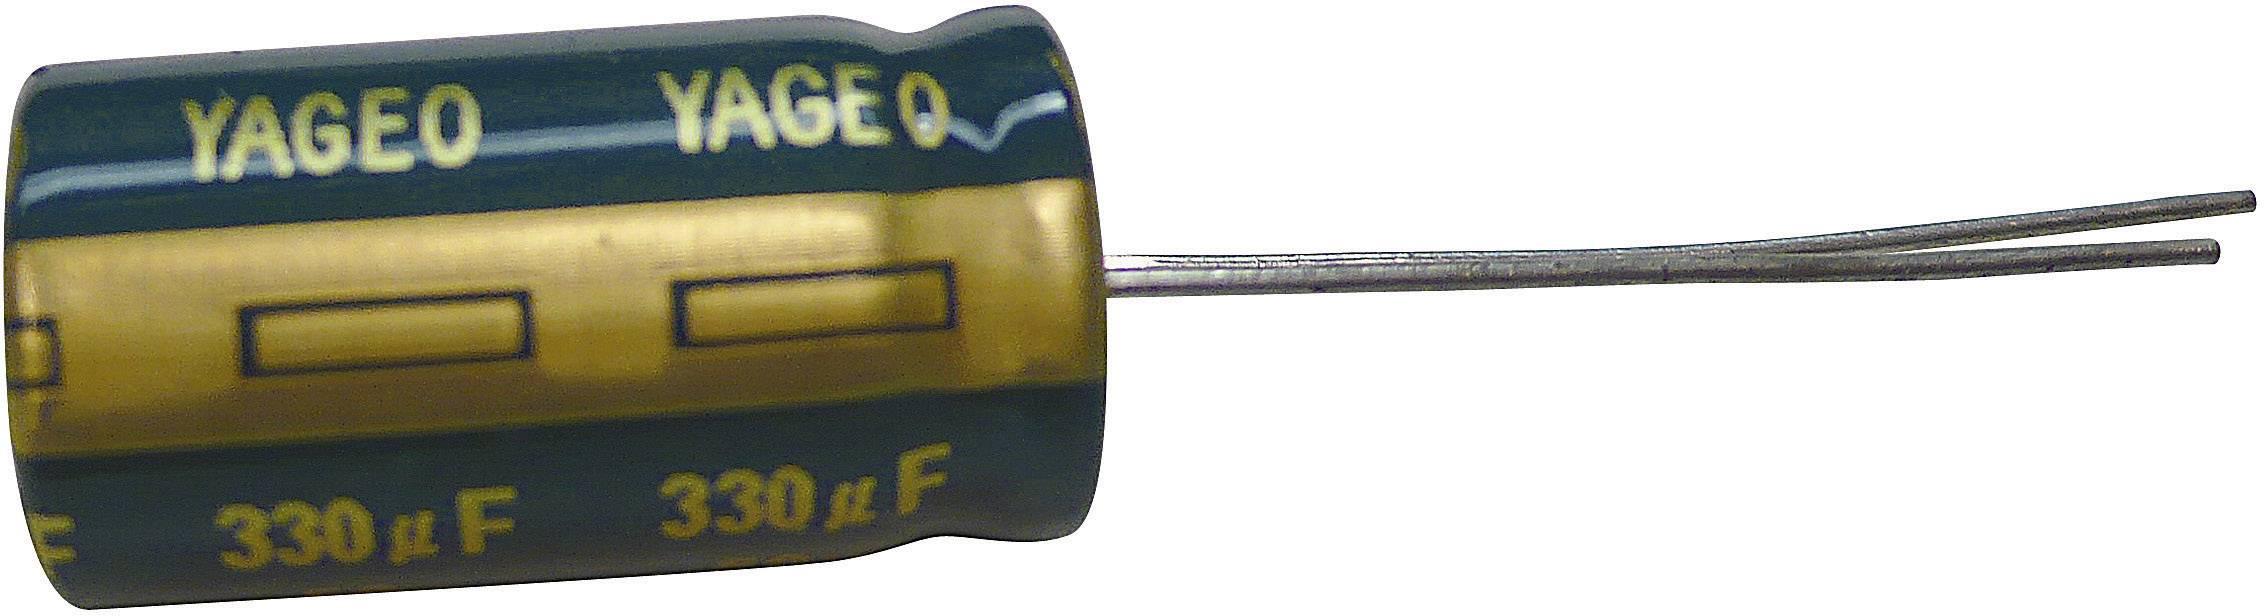 Kondenzátor elektrolytický Yageo SY006M1500B5S-1019, 1500 µF, 6,3 V, 20 %, 19 x 10 mm